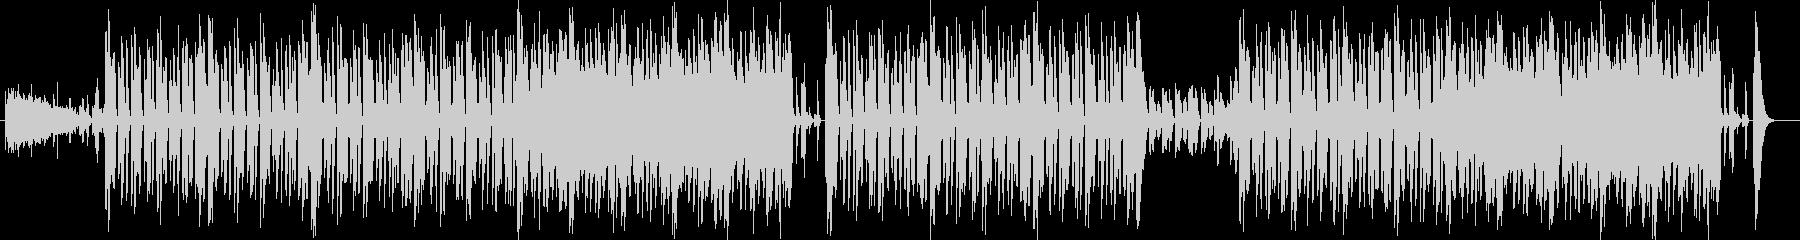 緊張感シンセ・ピアノなどのサウンドの未再生の波形